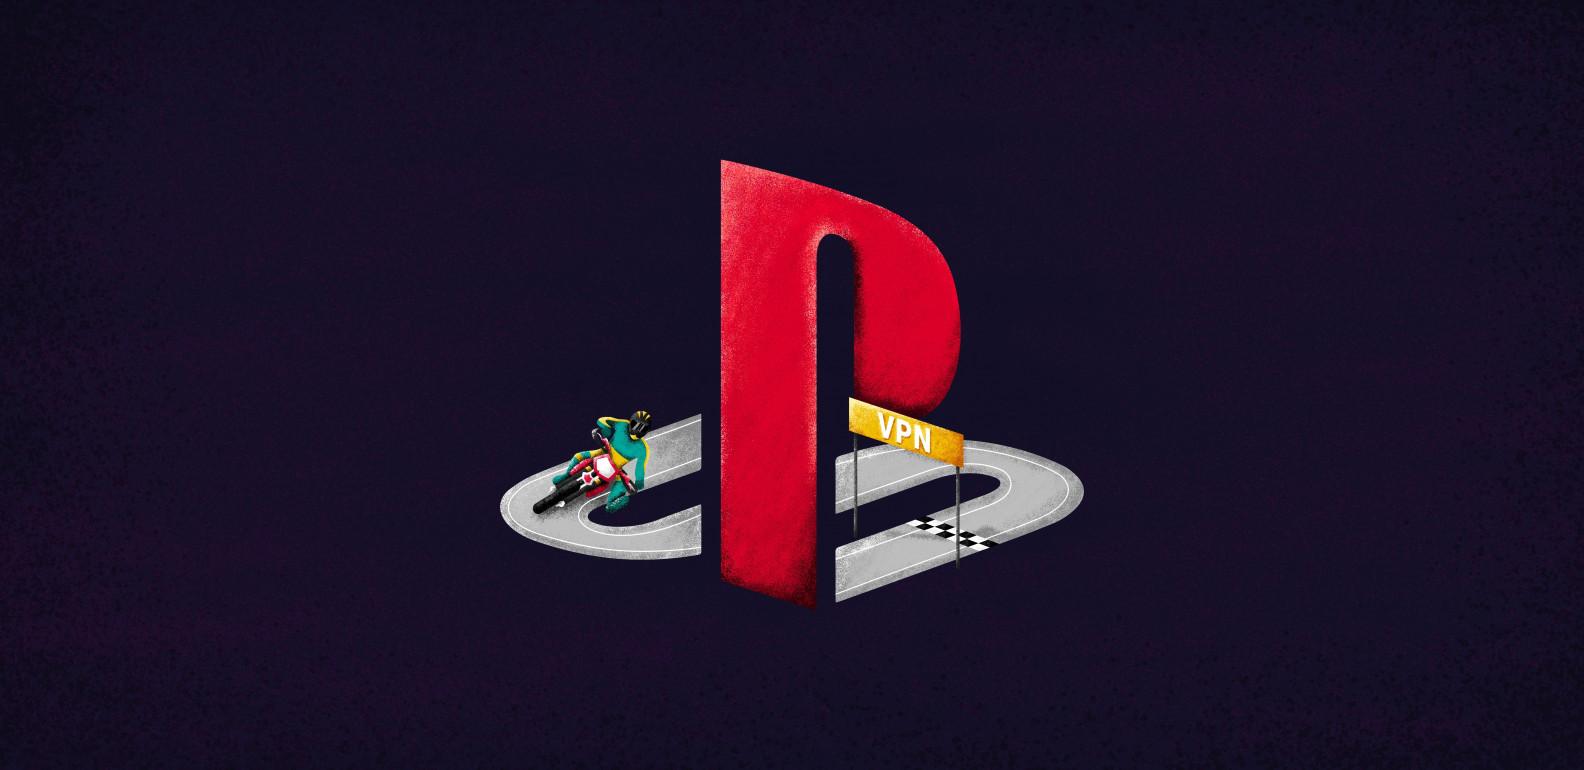 VPN-PlayStation